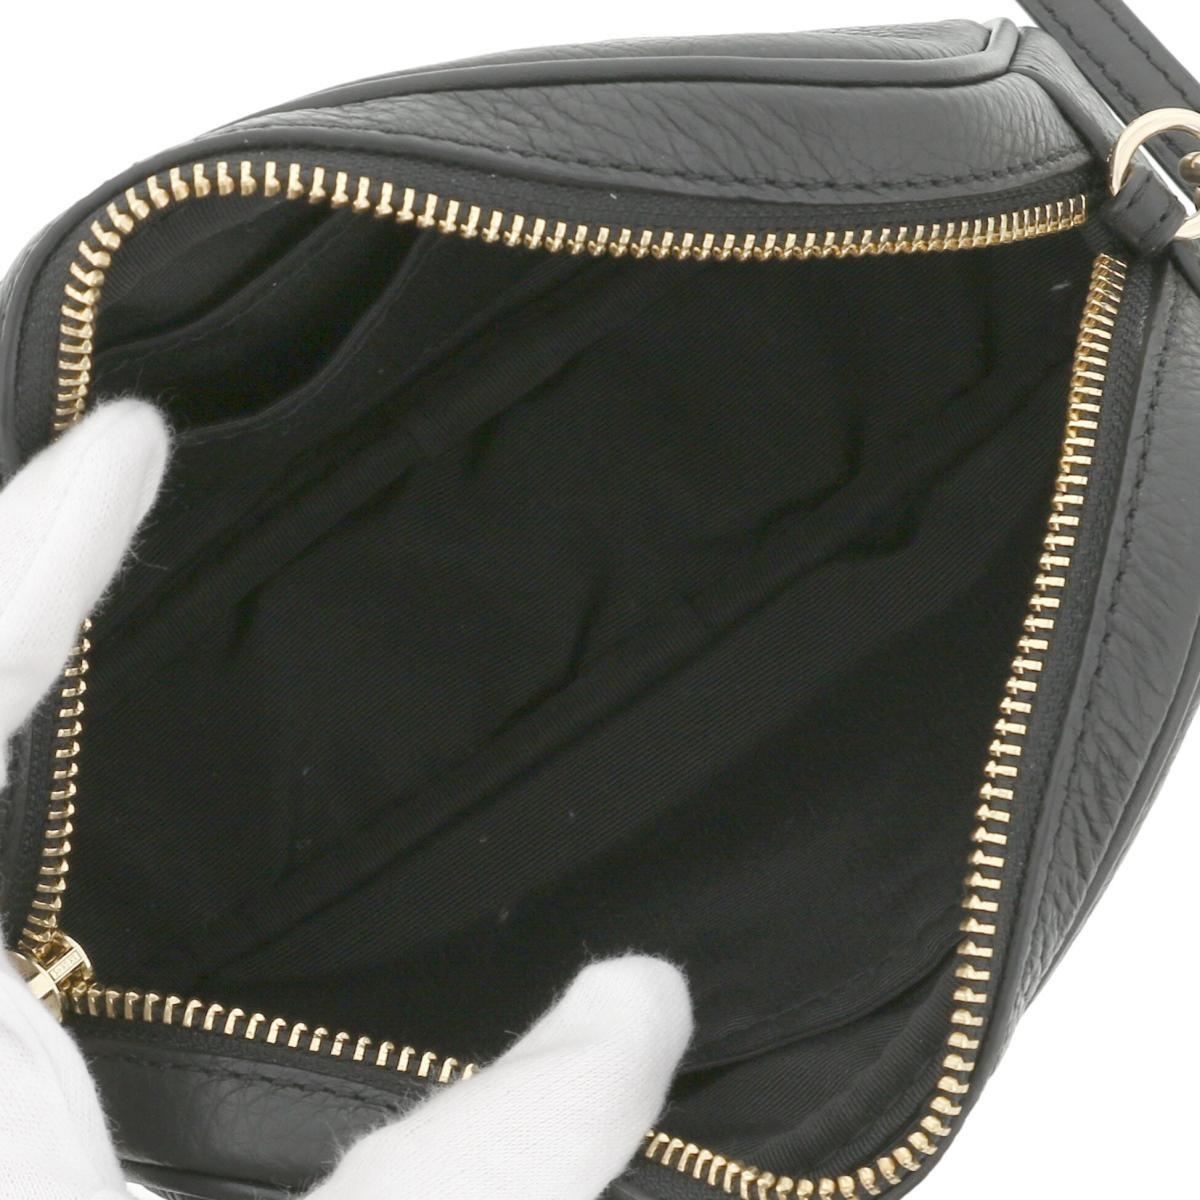 【最終値下げ】【中古】 COACH コーチ ショルダーバッグ バッグ ショルダー/メッセンジャーバッグ Leather  Black/ブラック F79210 used:A